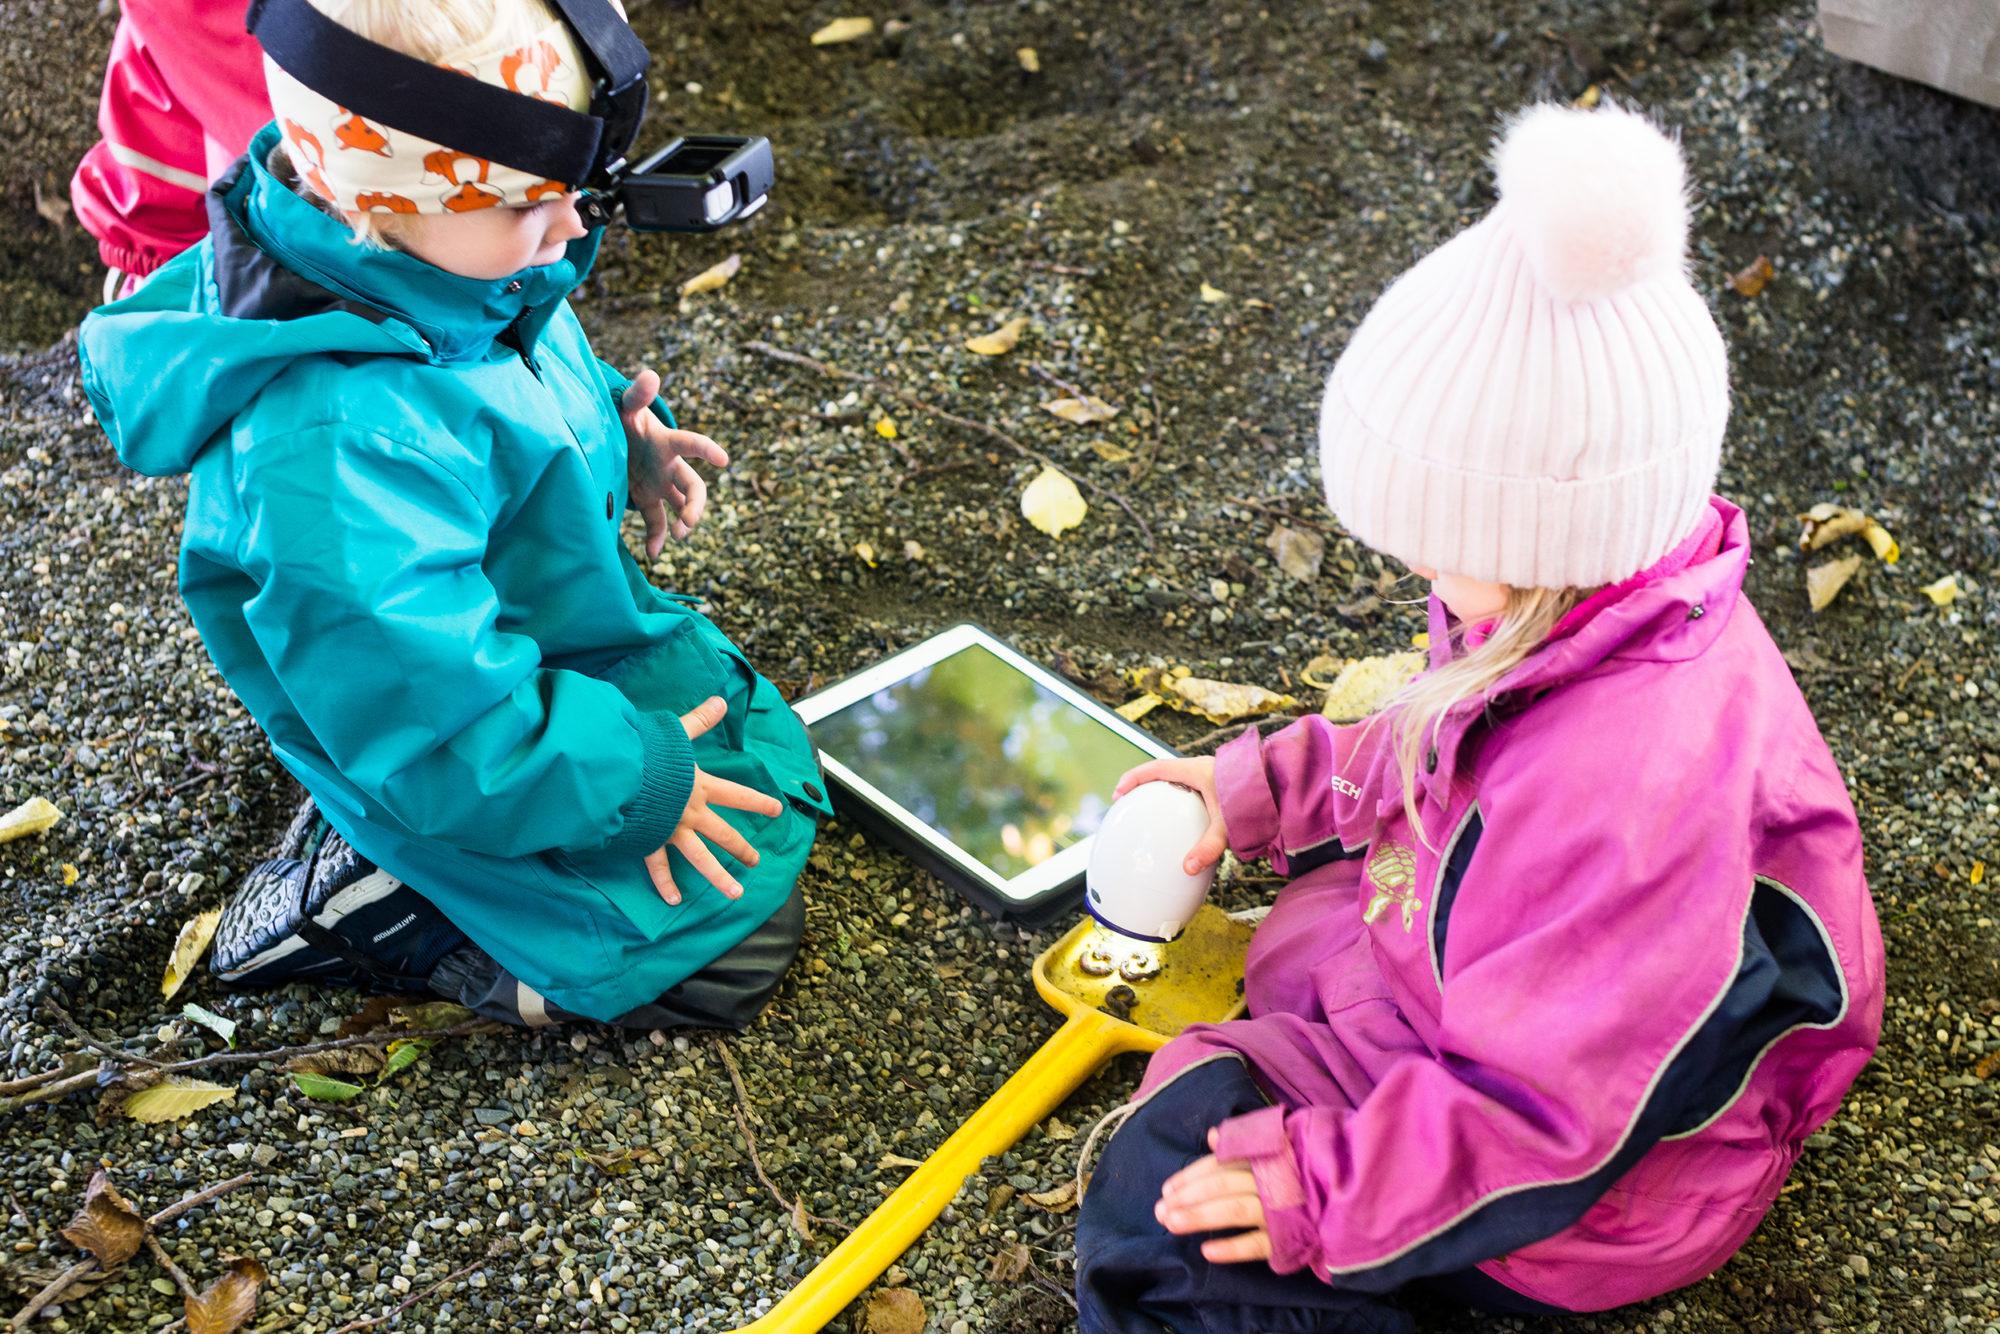 Barnehagebarn i sandkasse med GoPro, iPad og digitalt mikroskop